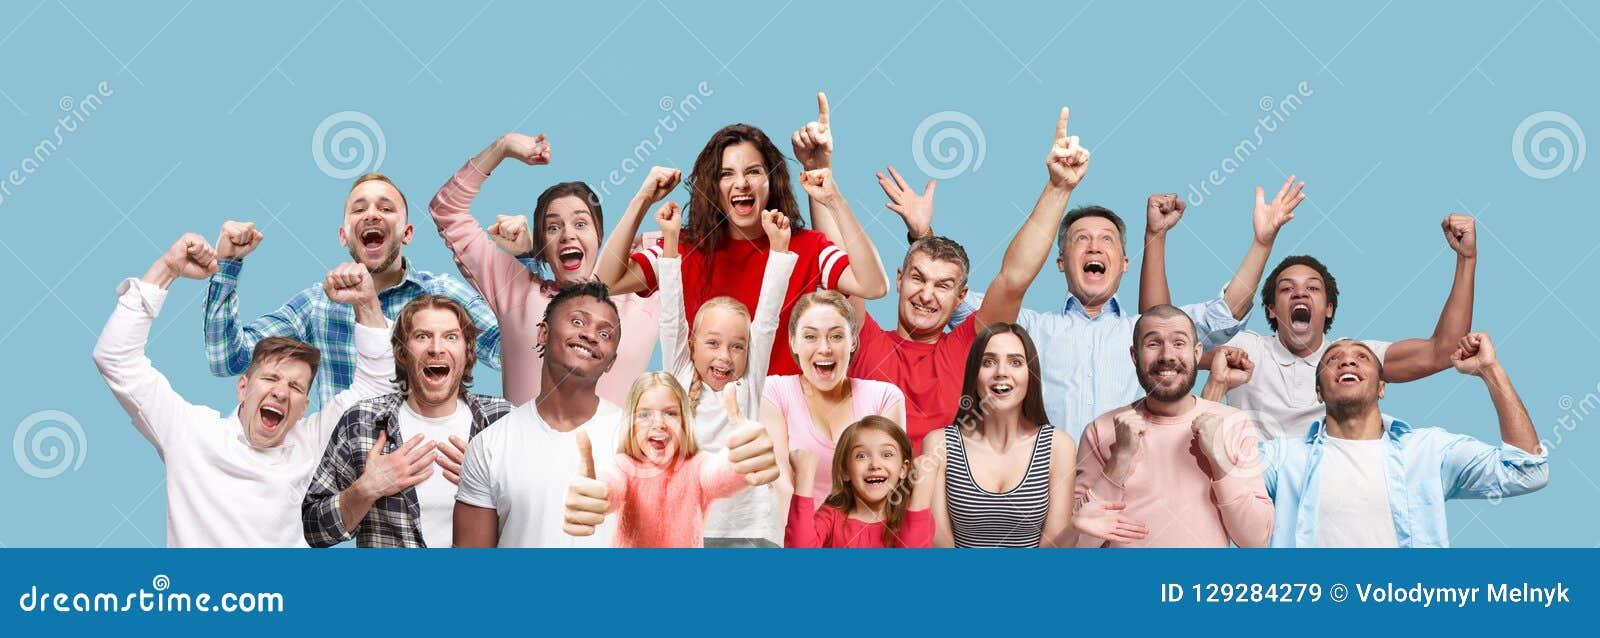 Collage av män och kvinnor för vinnande framgång som lyckliga firar vara en vinnare